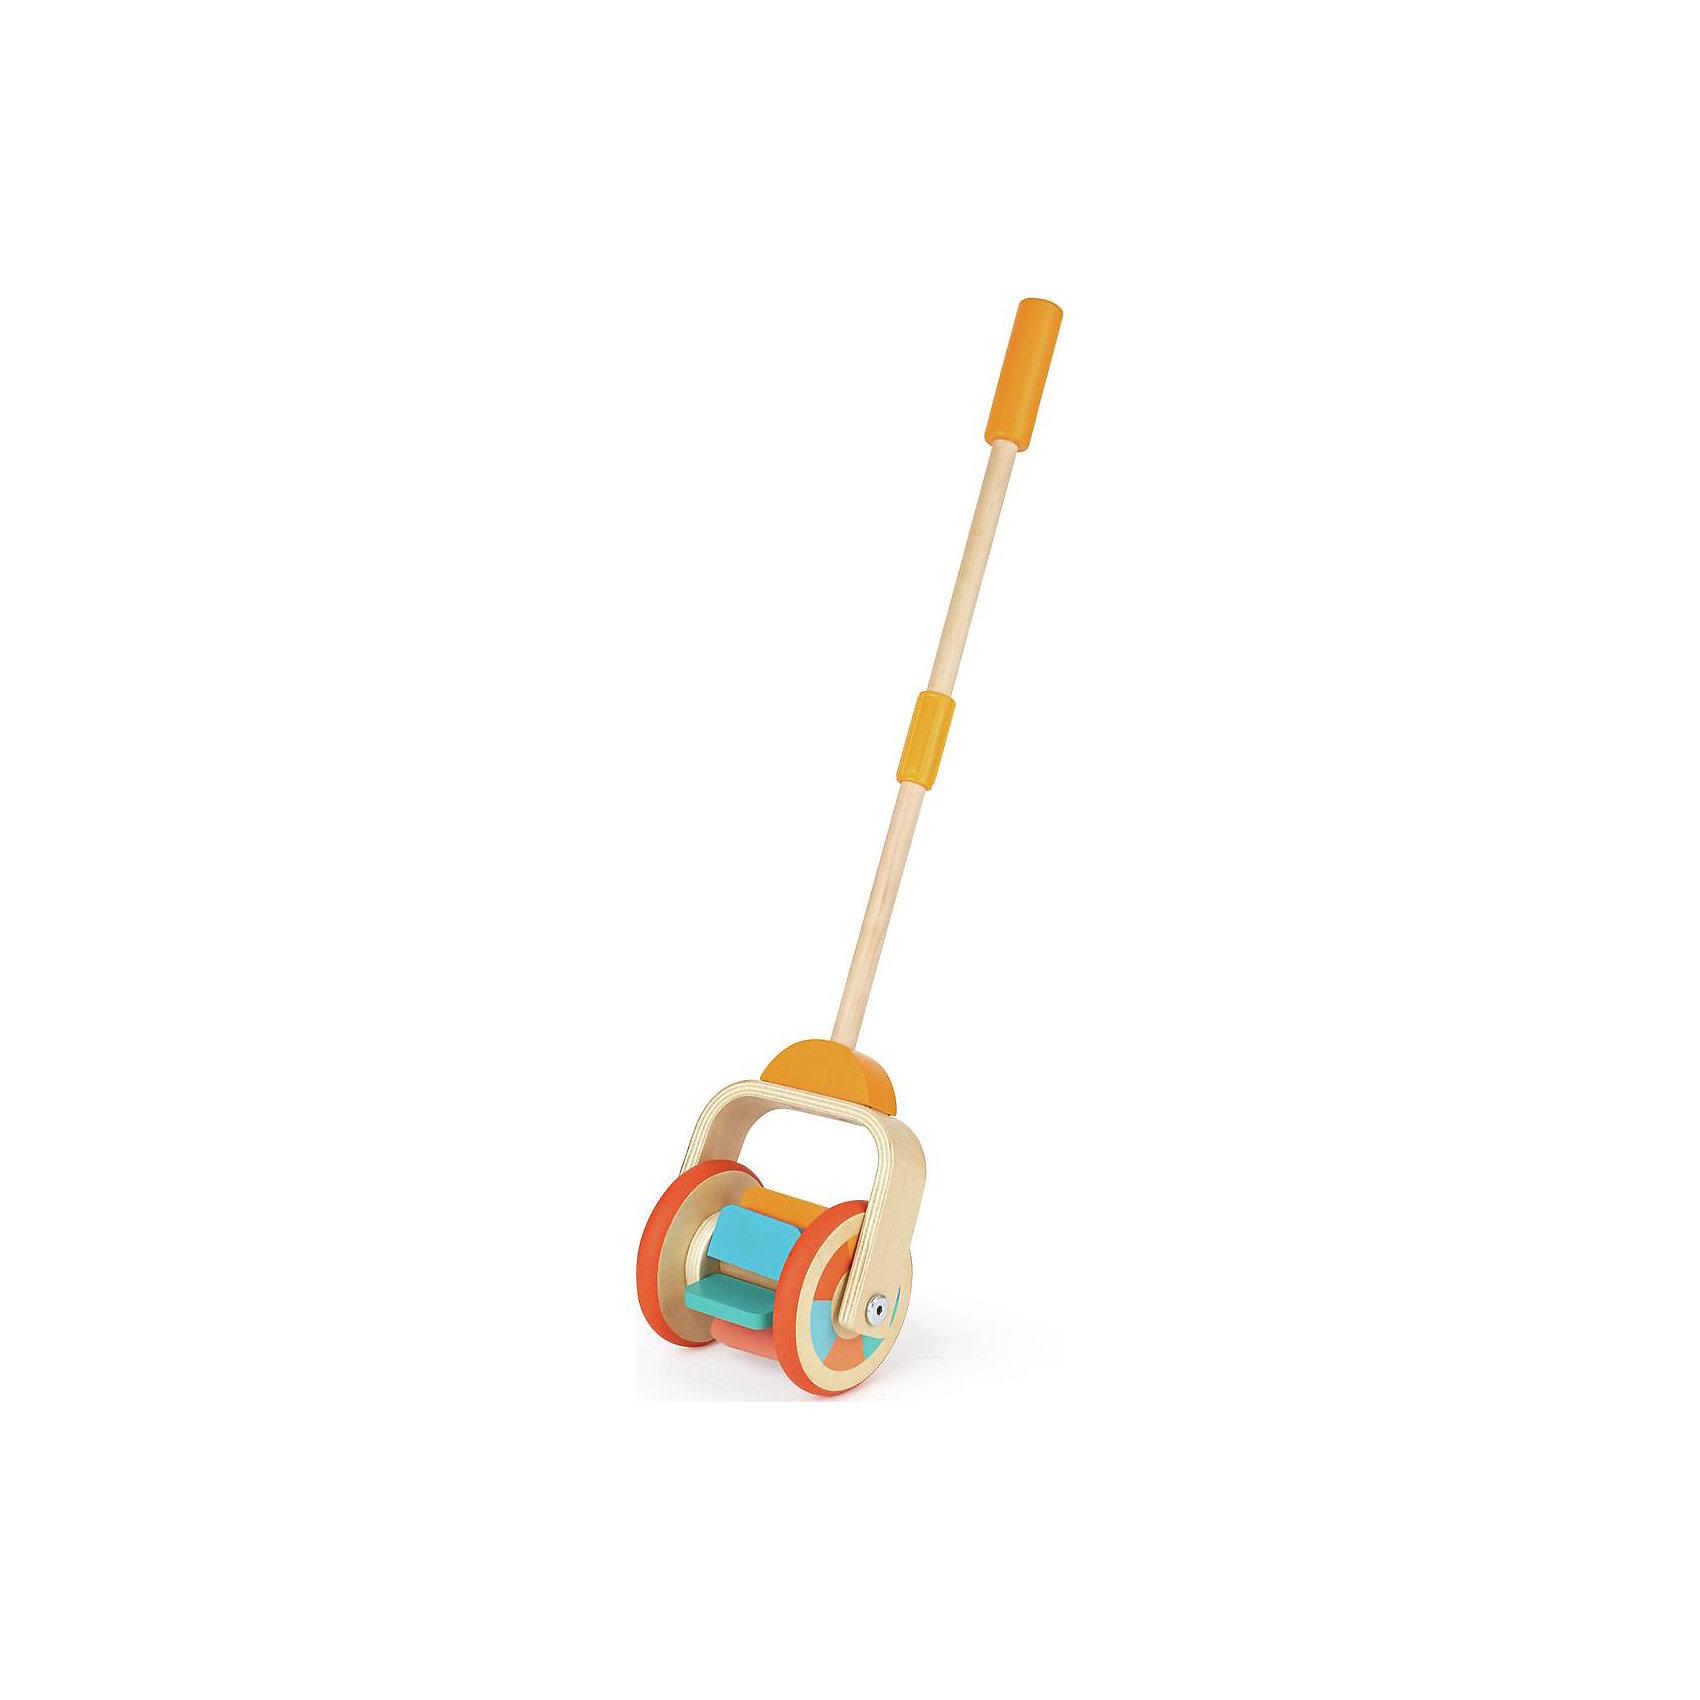 Деревянная каталка Радуга, HapeЗабавная игрушка Радуга развеселит малыша своими гремящими звуками. Она имеет удобную ручку и мягкие вставки на колесиках, что позволяет играть в нее дома и на улице. <br>Игрушка сделана из высококачественного материала, который безопасен для здоровья ребенка.<br><br>Дополнительная информация:<br><br>- Возраст: от 10 до 24 месяцев<br>- Материал: резина, дерево<br>- Размеры: 50х19х9 см<br>- Вес: 0.4 кг<br><br>Деревянную каталку Радуга, Hape можно купить в нашем интернет-магазине.<br><br>Ширина мм: 250<br>Глубина мм: 183<br>Высота мм: 184<br>Вес г: 662<br>Возраст от месяцев: 10<br>Возраст до месяцев: 24<br>Пол: Унисекс<br>Возраст: Детский<br>SKU: 3685380